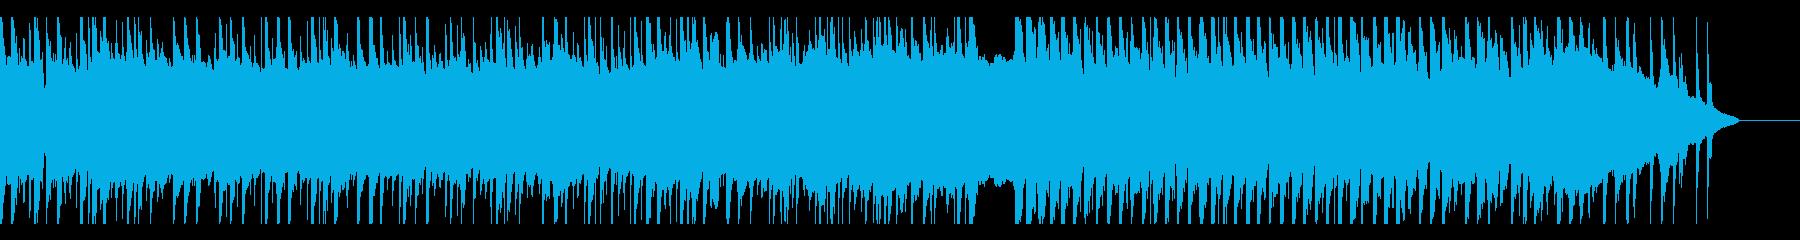 すぐに認識できるソニックパレットを...の再生済みの波形